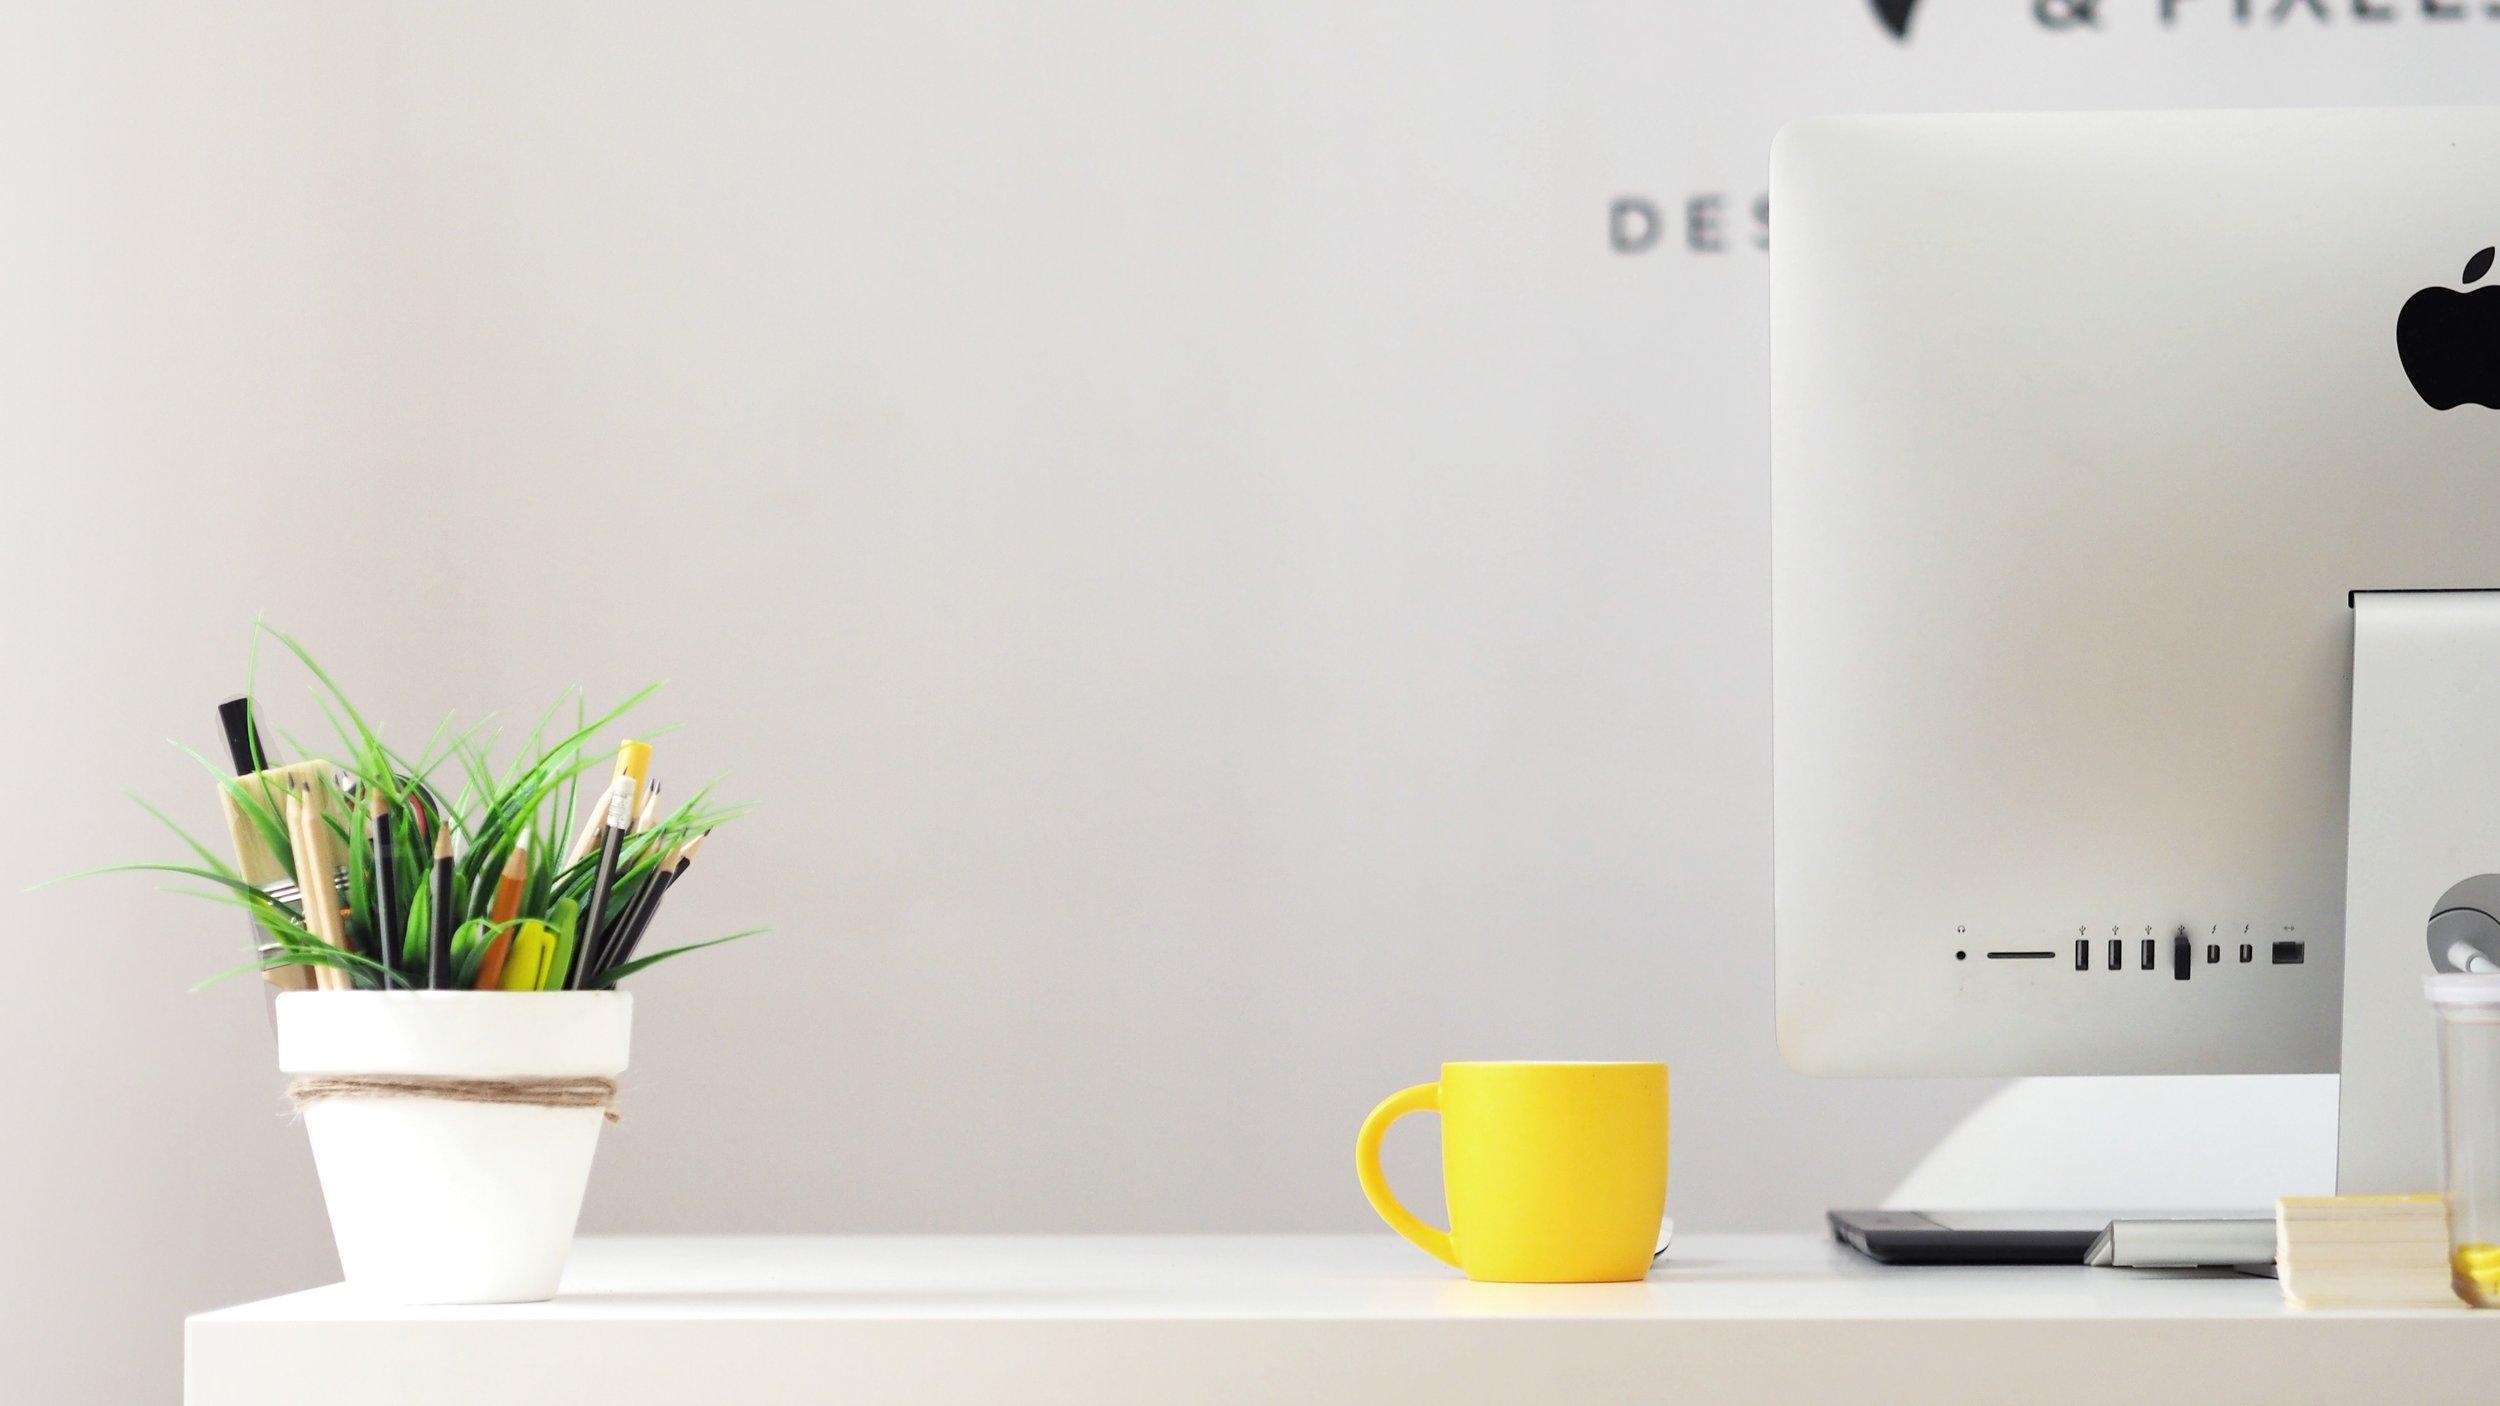 Thinking PR Blog - Conoce lo que hacemos y lo que nos apasiona